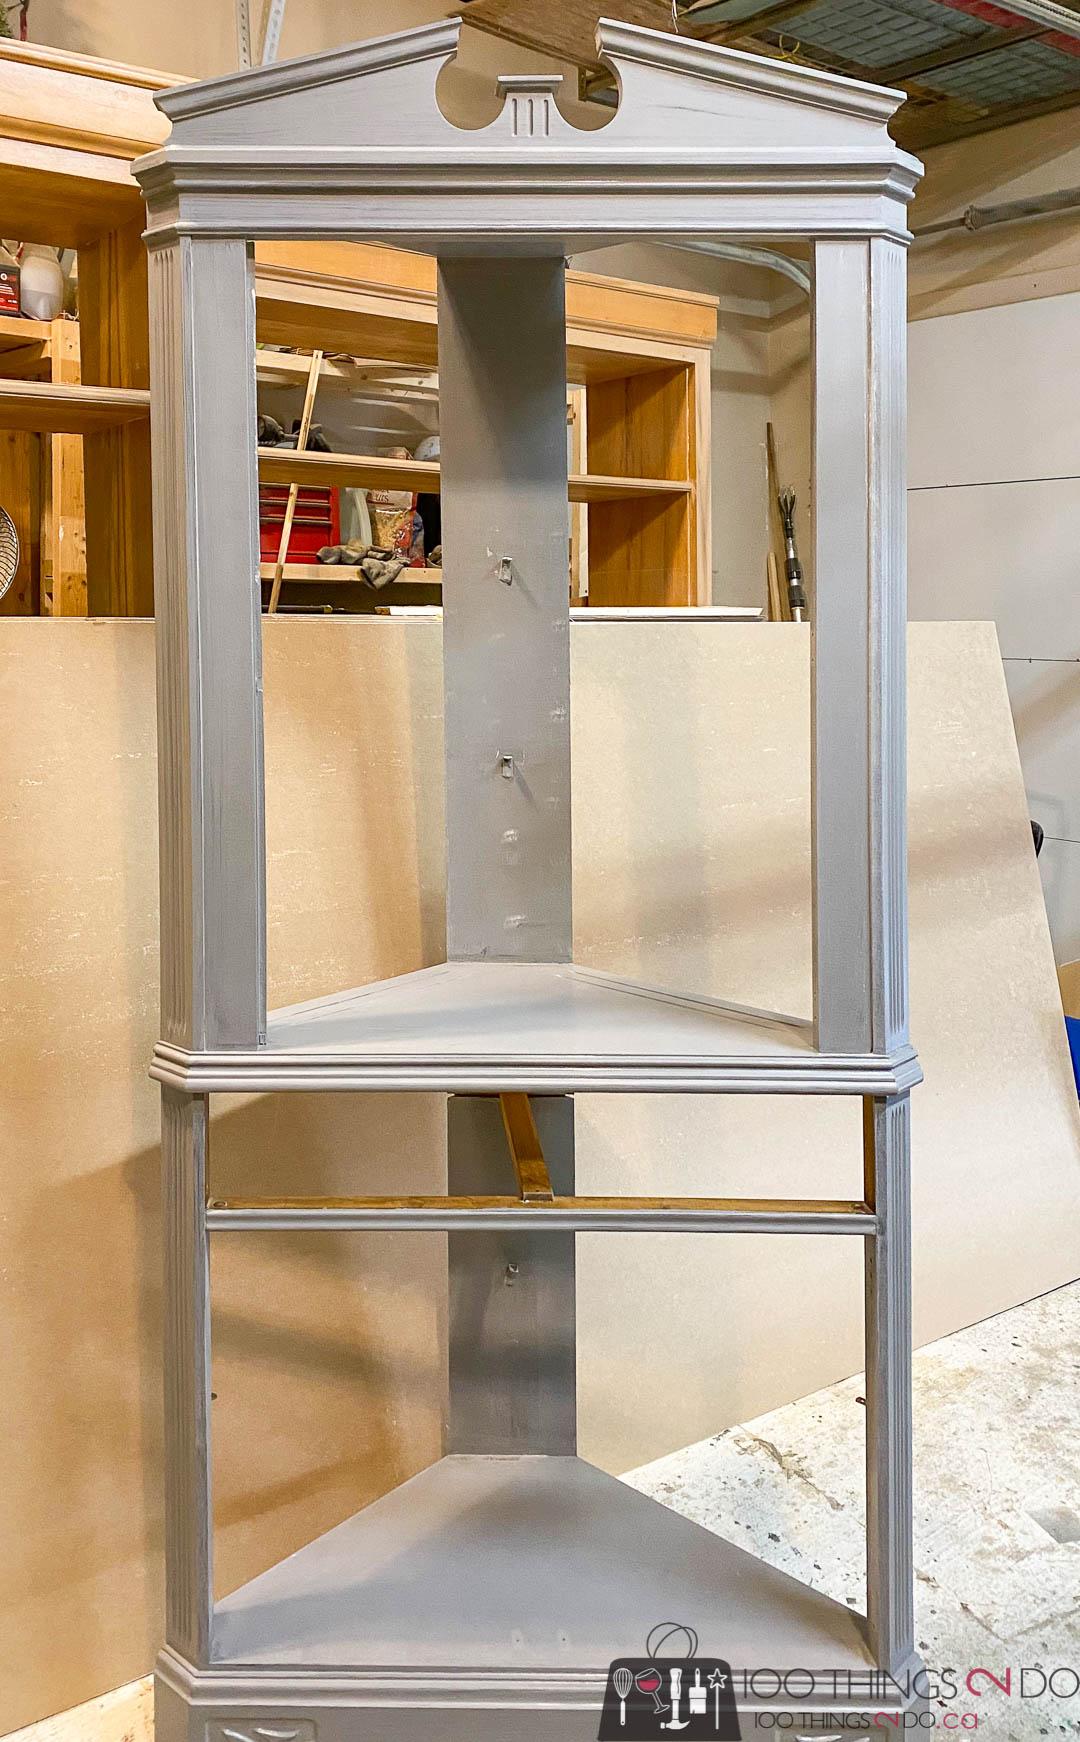 priming a corner cabinet